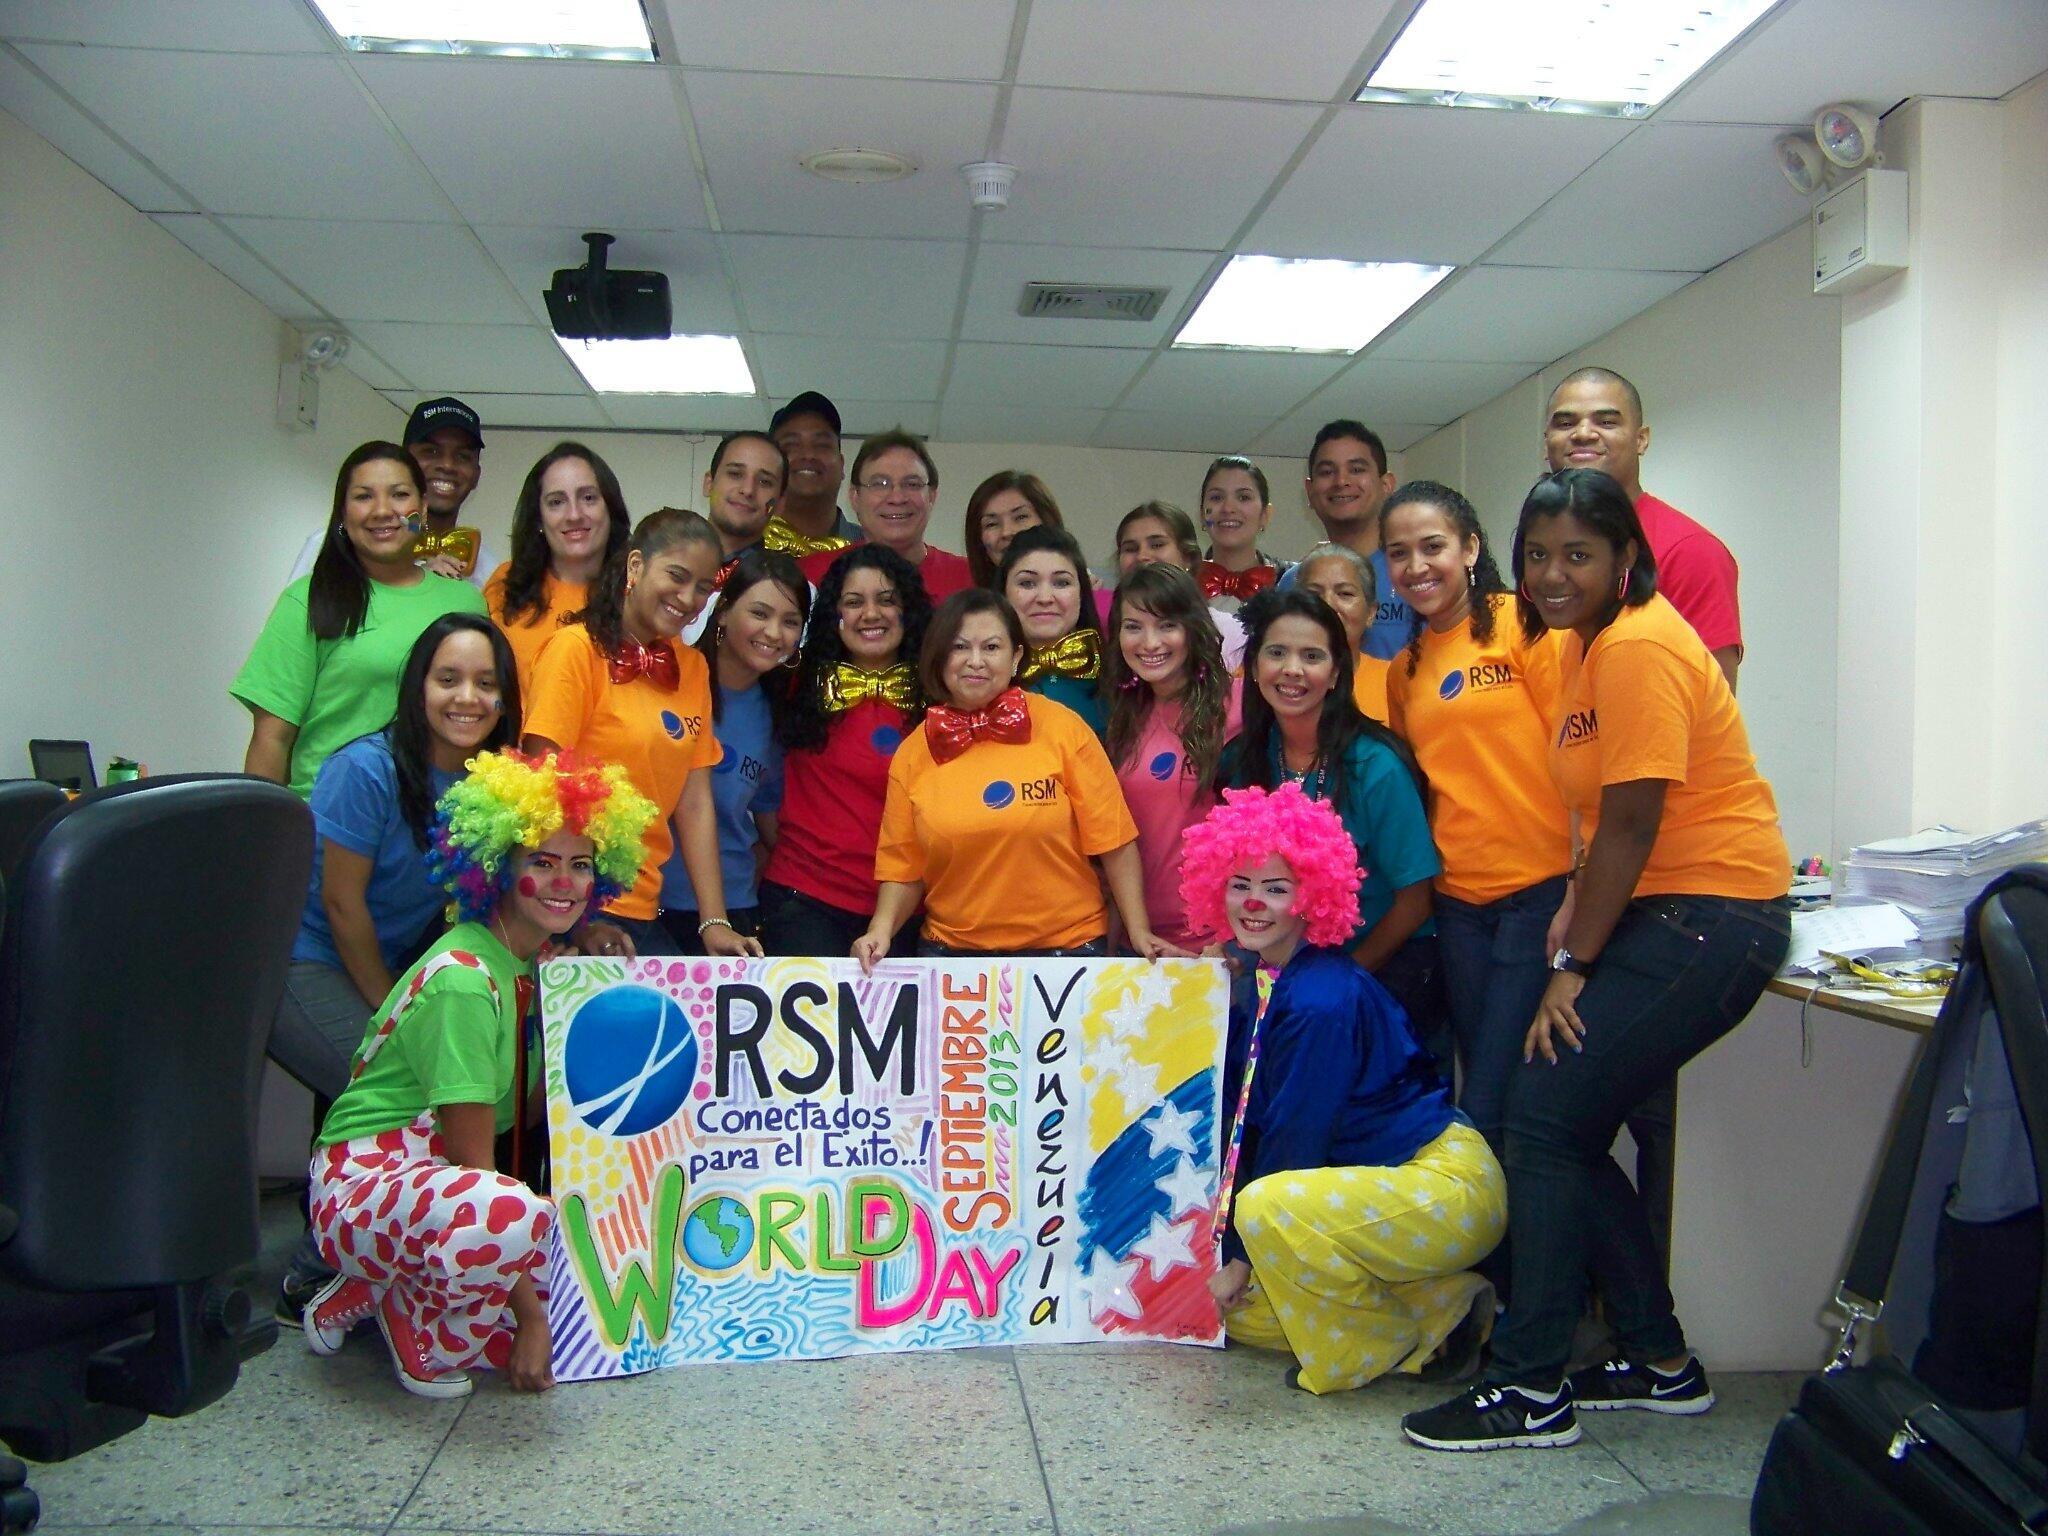 RT @cduler: #RSMWORLDDAY 2013 VENEZUELA..!! http://t.co/sFZLLssy9U